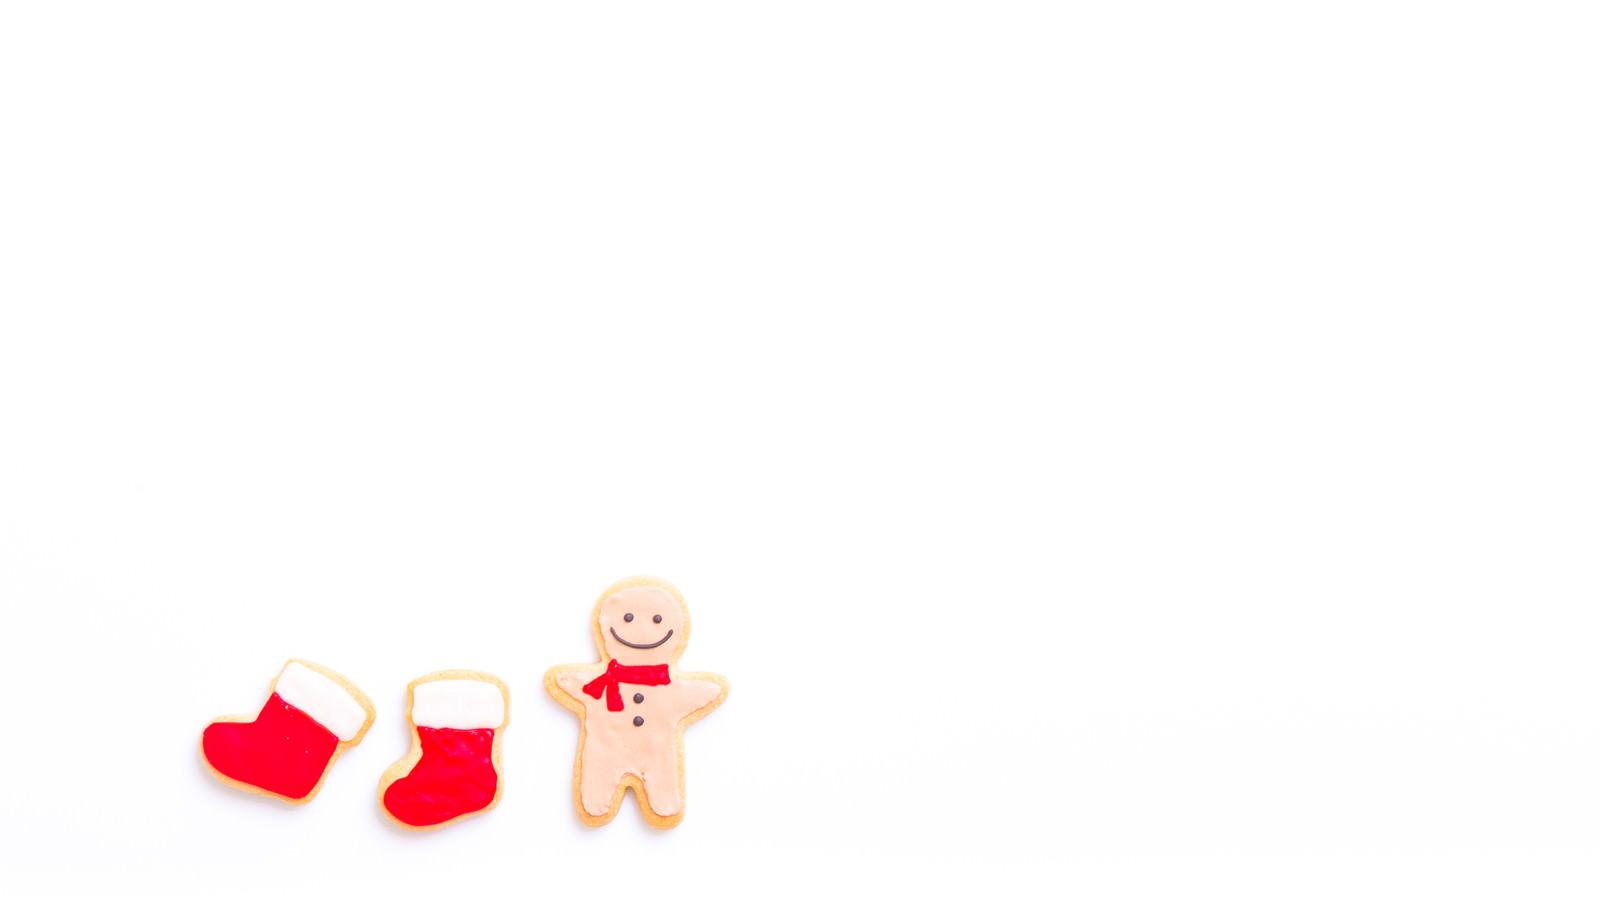 「クリスマスの赤い靴下用意したよ(アイシングクッキー)」の写真